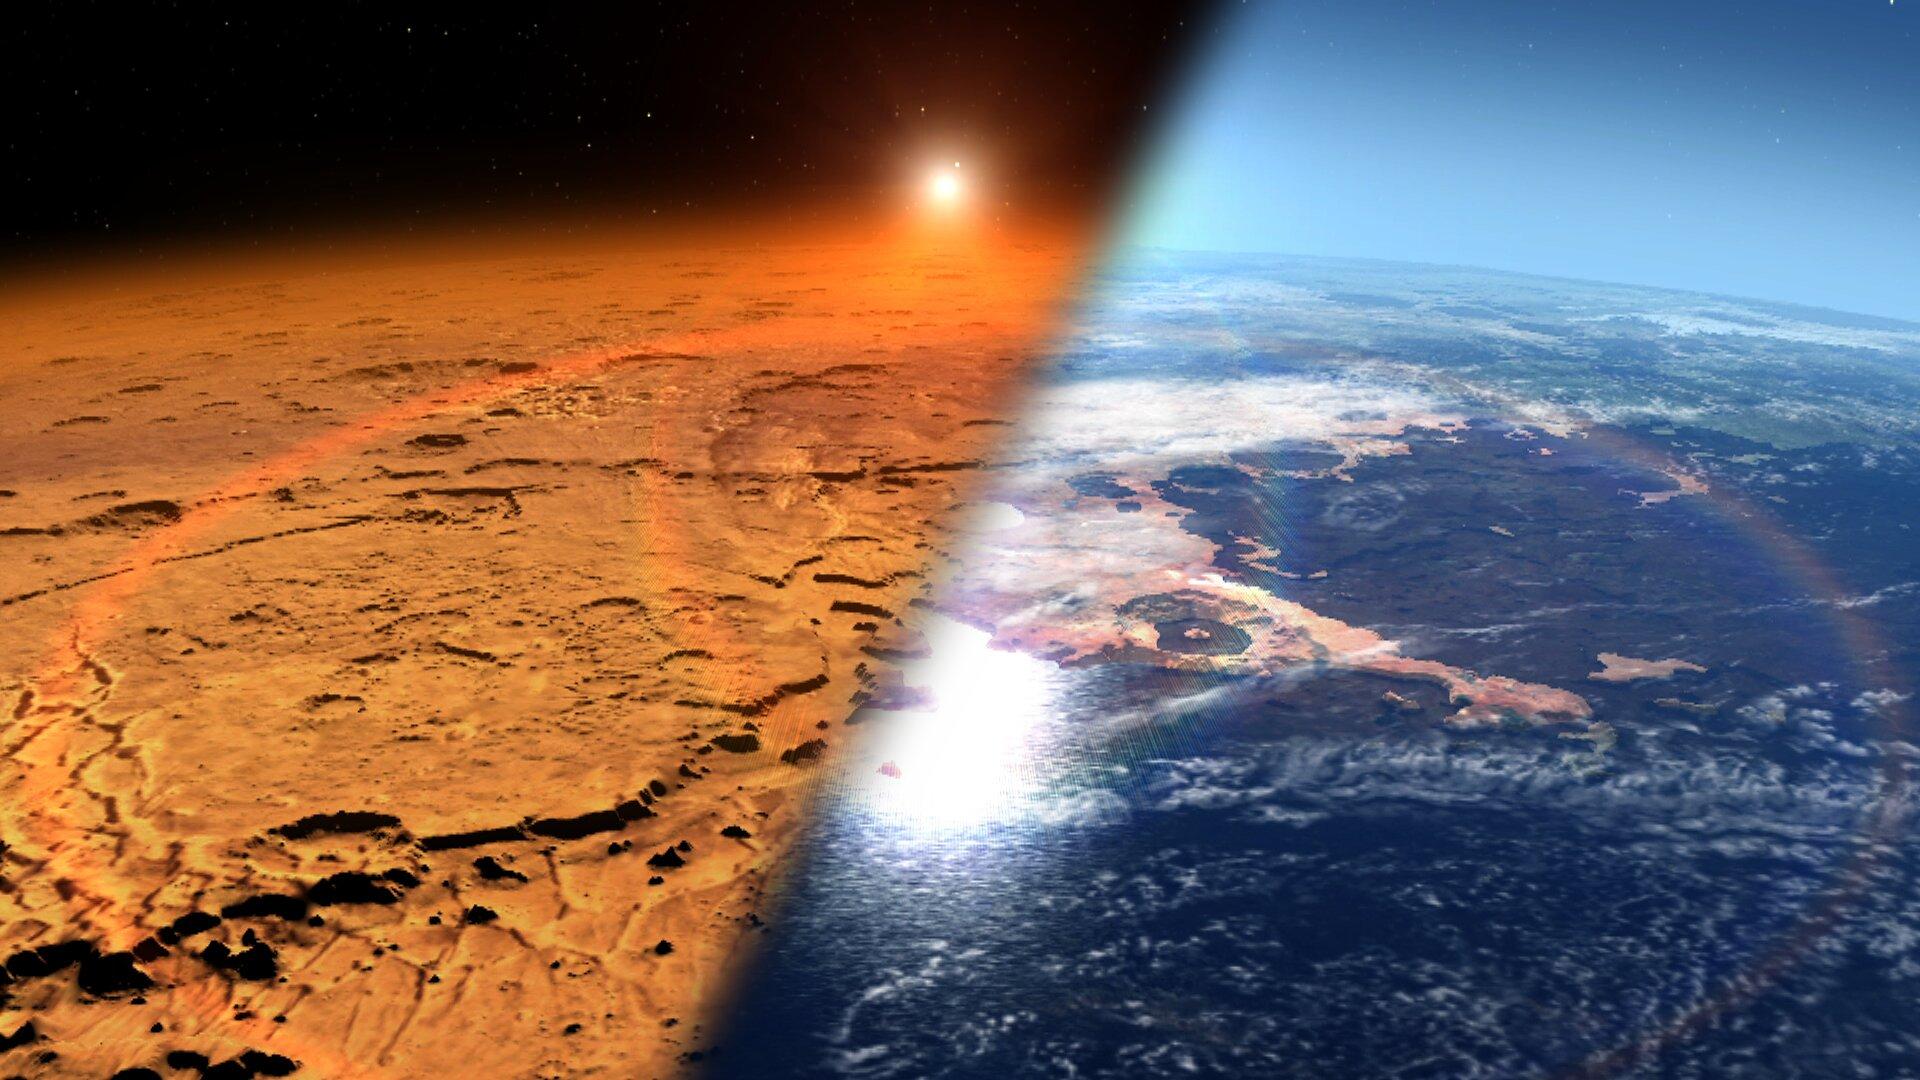 Marte e Terra, un confronto che potrebbe riguardare anche Marte attuale e Marte di un tempo. Crediti NASA